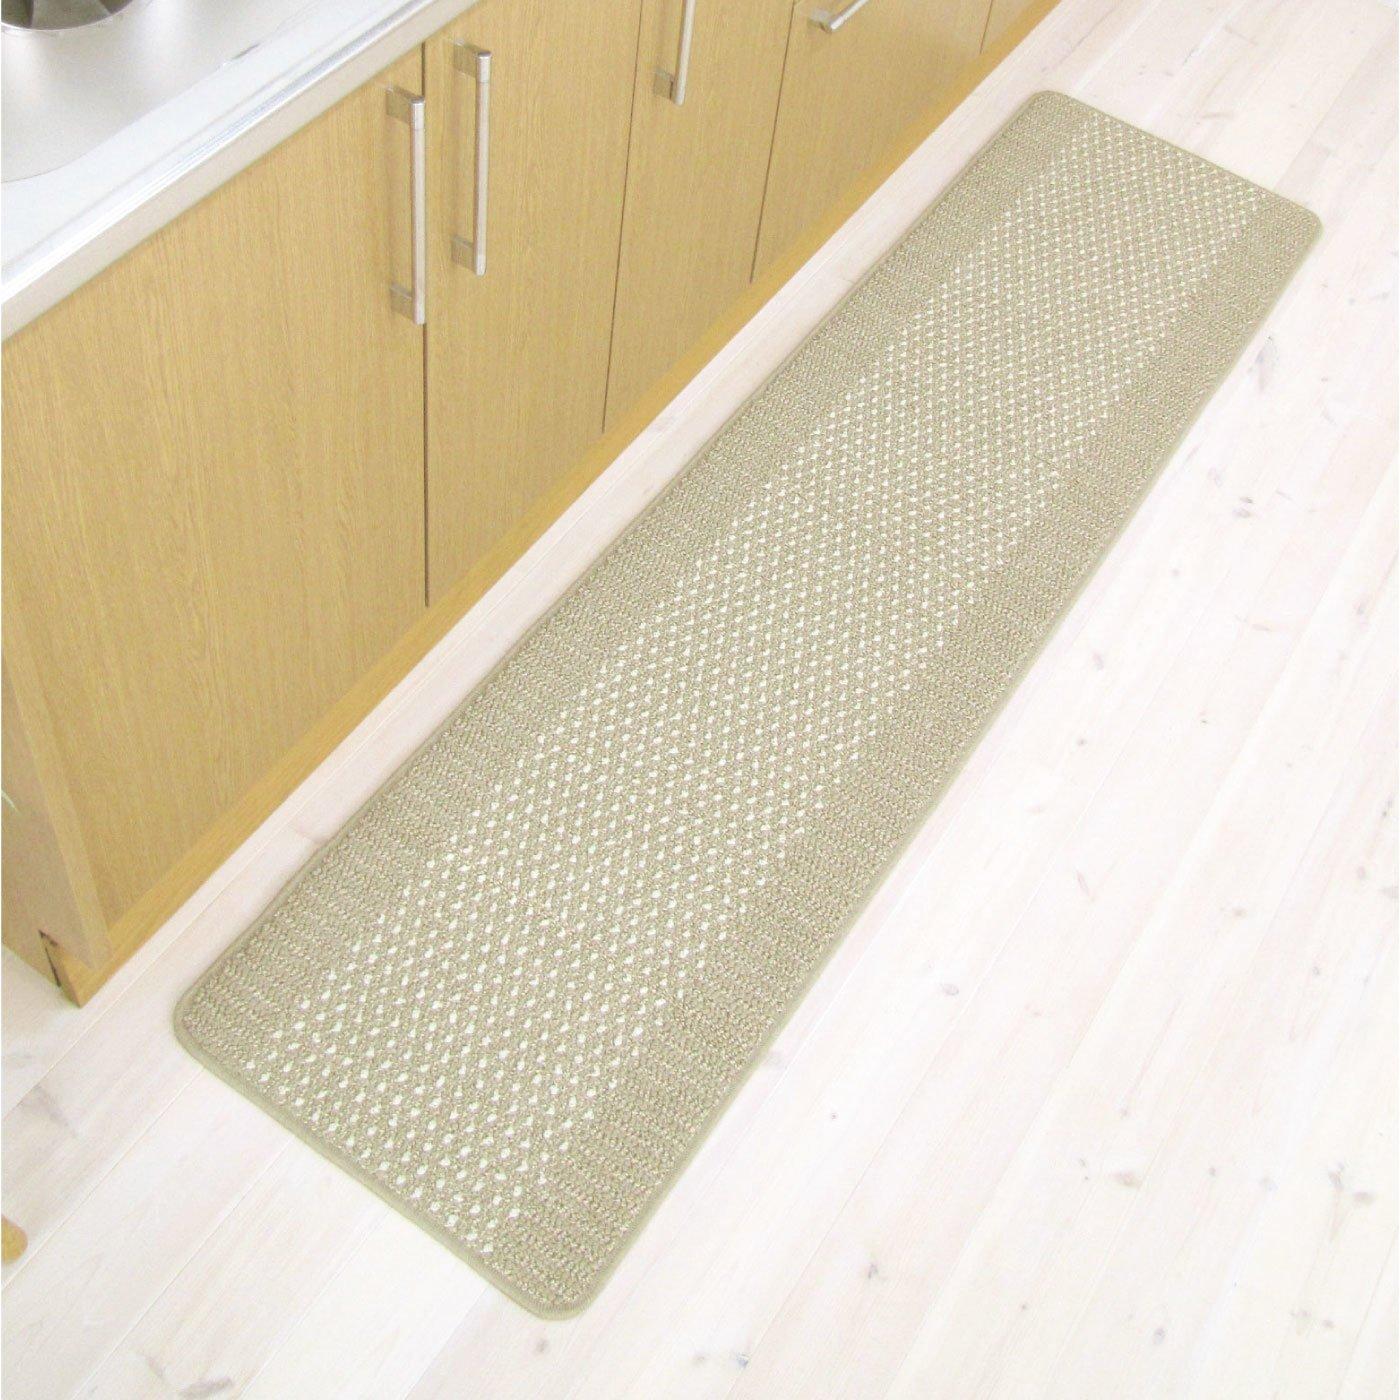 優踏生 洗いやすいキッチンマット45×180